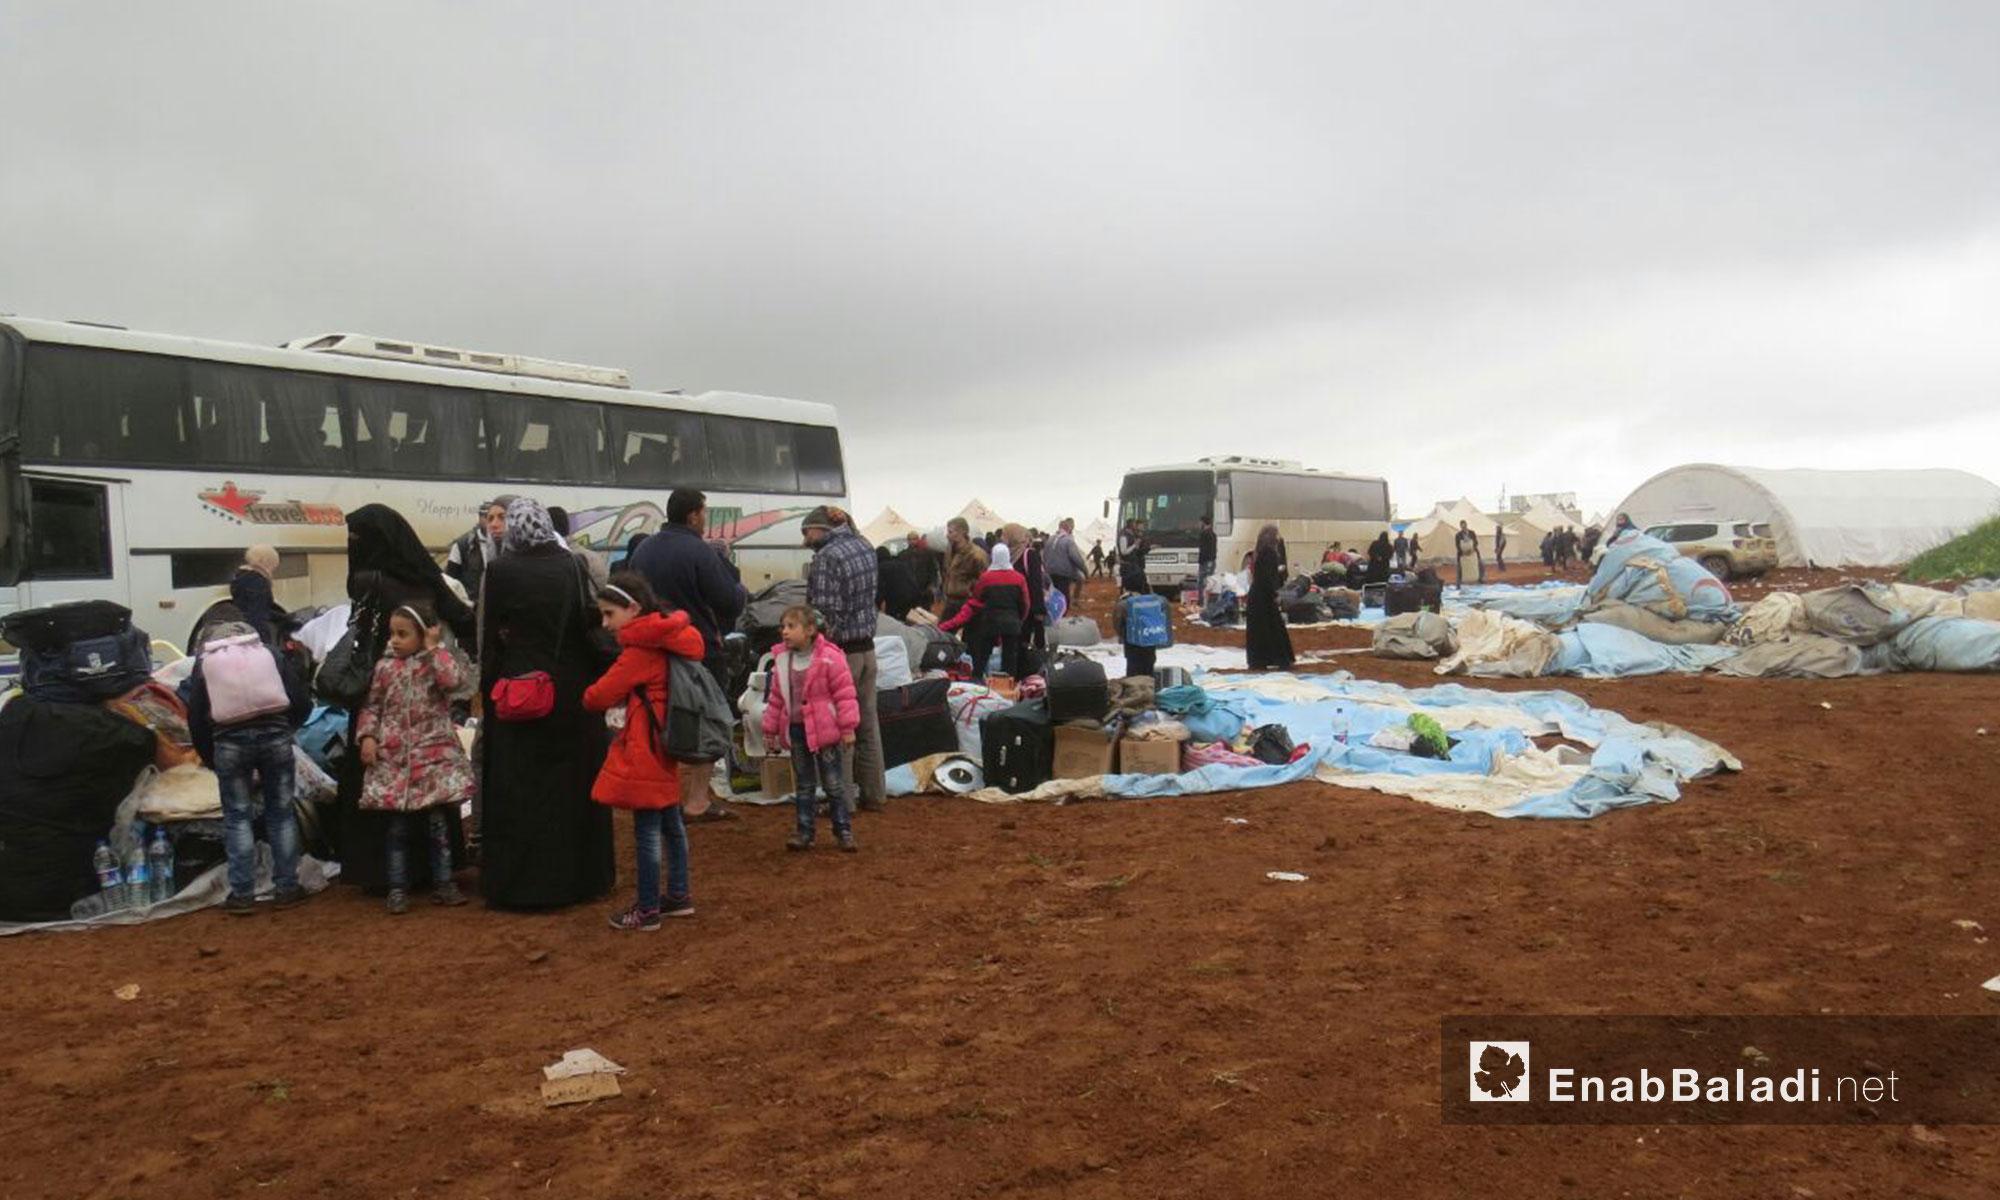 الدفعة الرابعة من سكان حي الوعر التي وصلت إلى جرابلس في ريف حلب الشمالي - 9 نيسان 2017 (عنب بلدي)